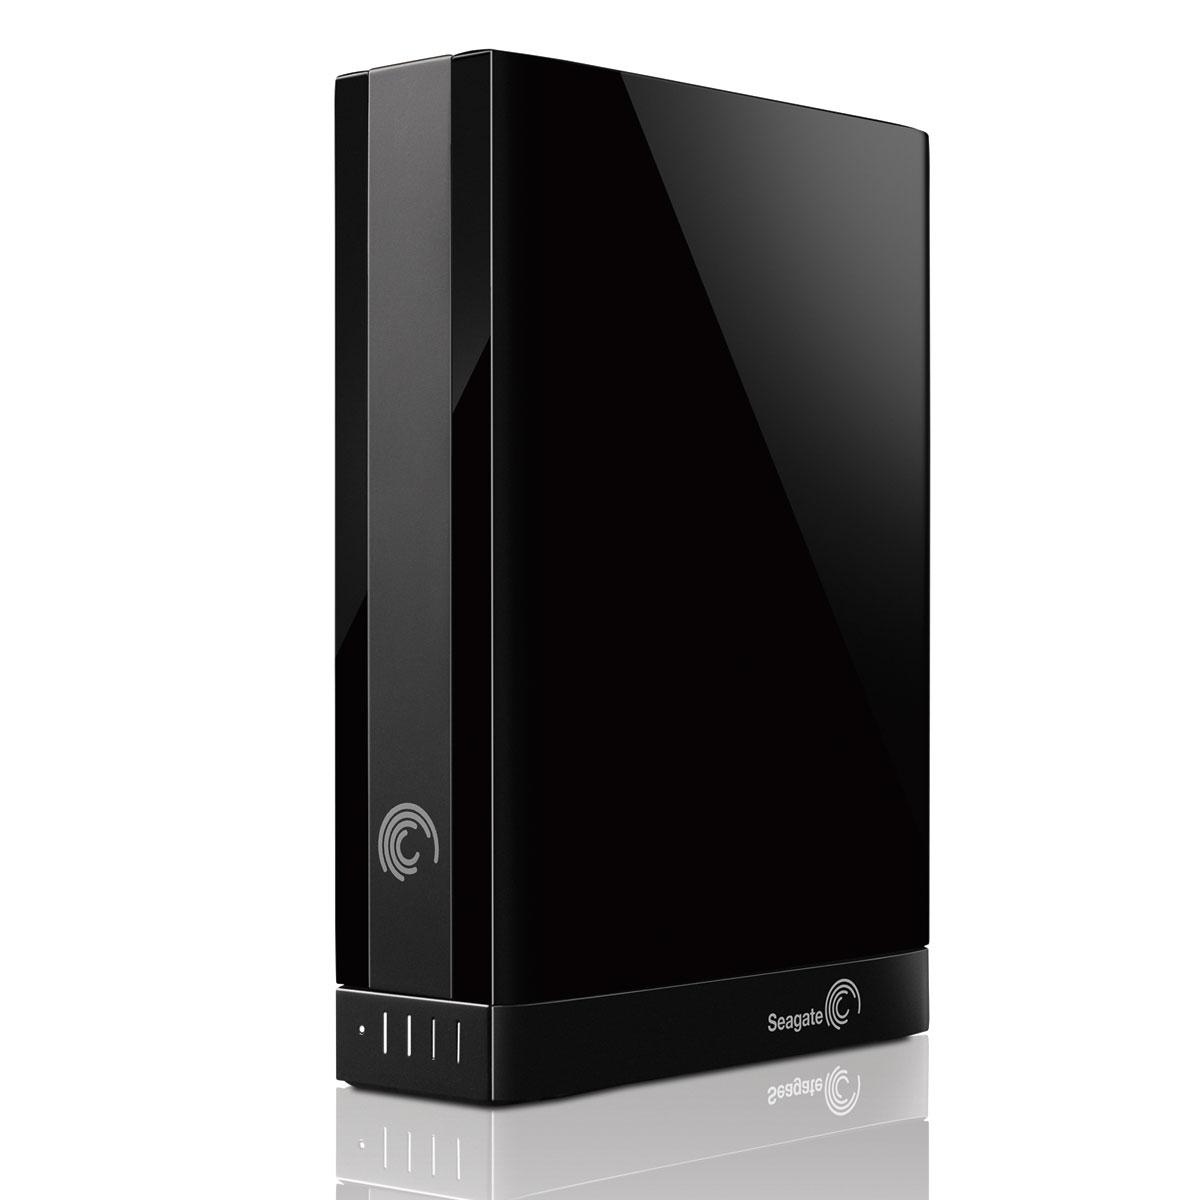 seagate backup plus desktop 2 to usb 3 0 stca2000200 achat vente disque dur externe sur. Black Bedroom Furniture Sets. Home Design Ideas